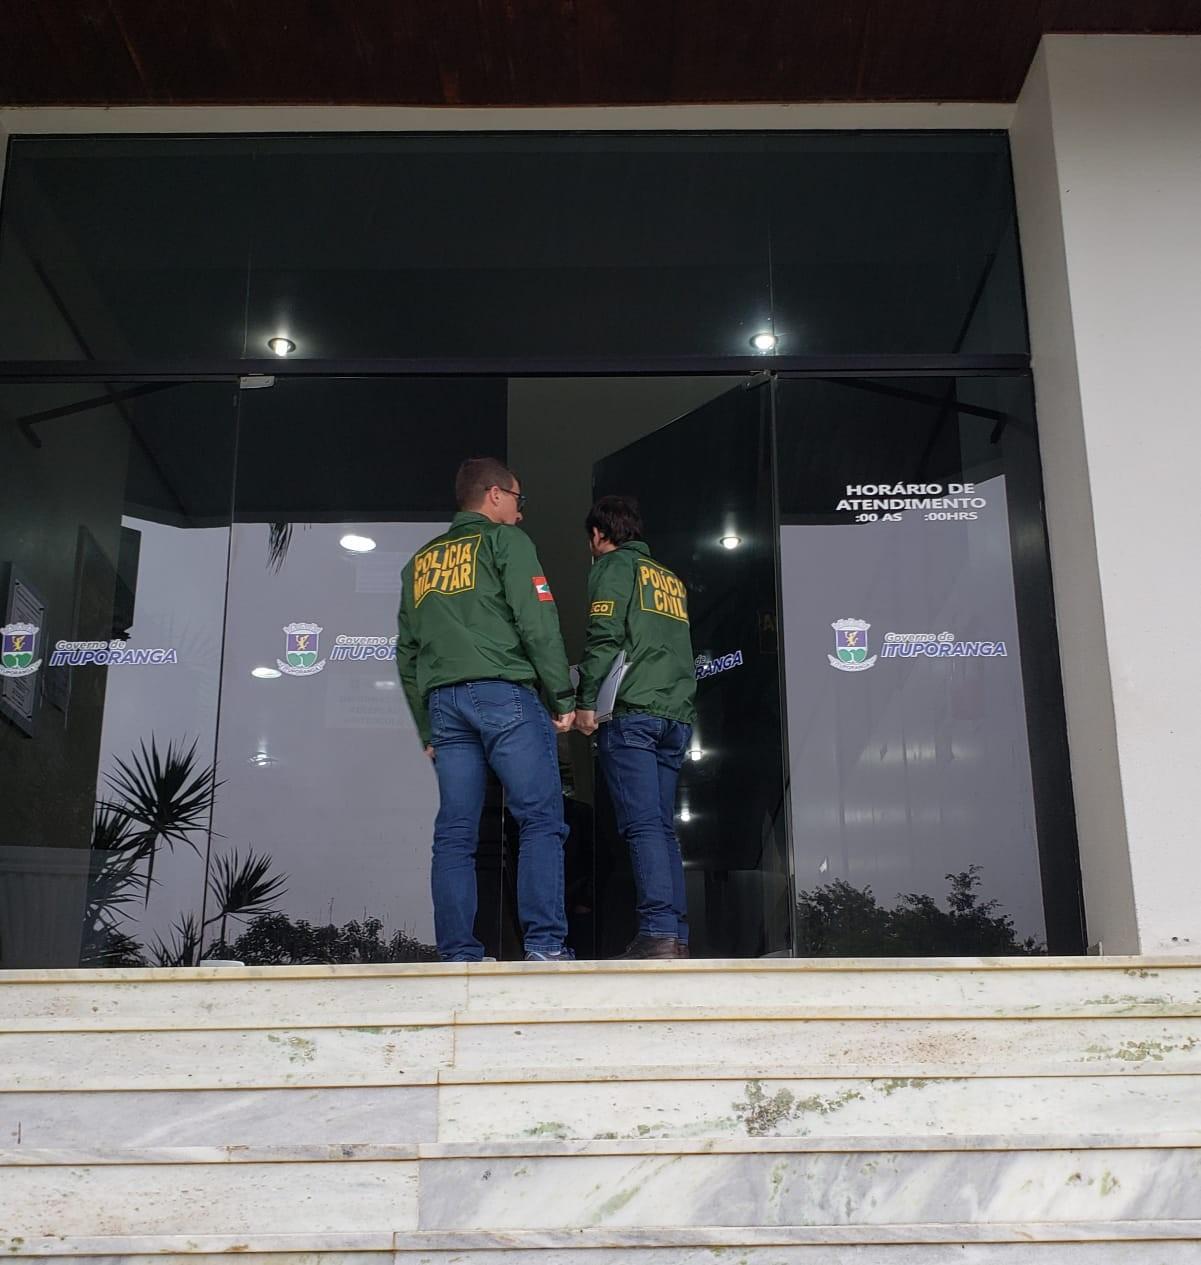 Prefeito e secretário de Ituporanga são afastados por determinação da Justiça - Notícias - Plantão Diário